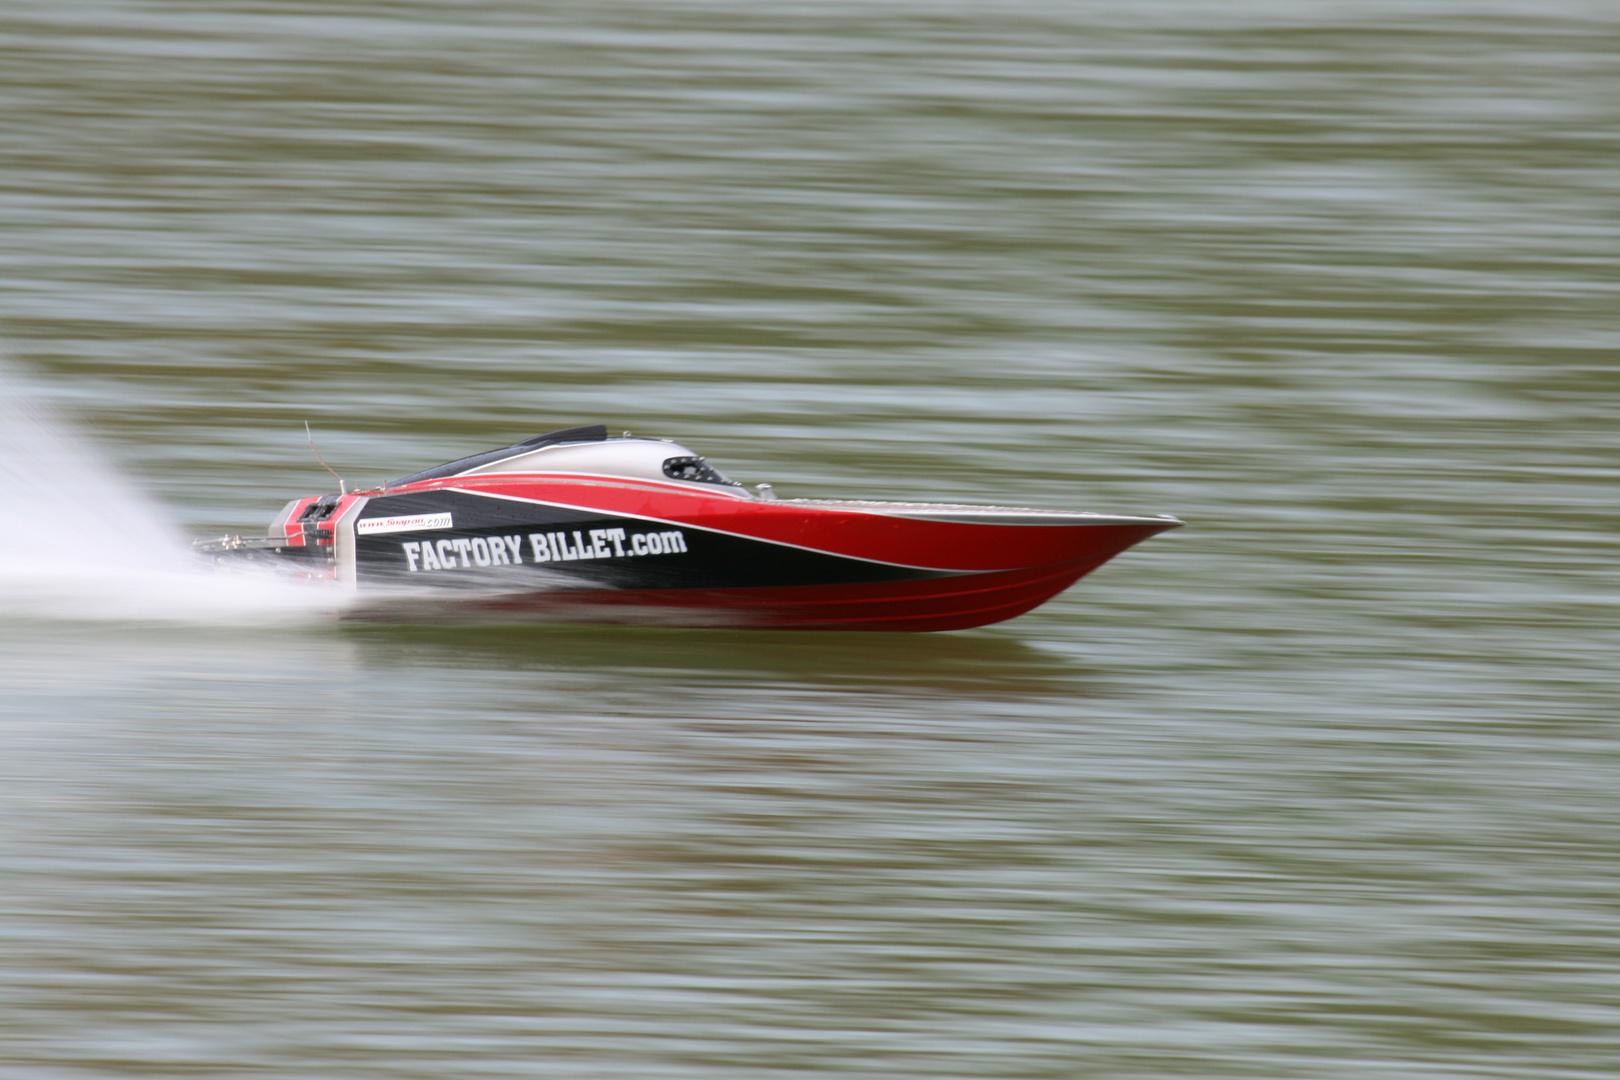 Powerboot 82km/h